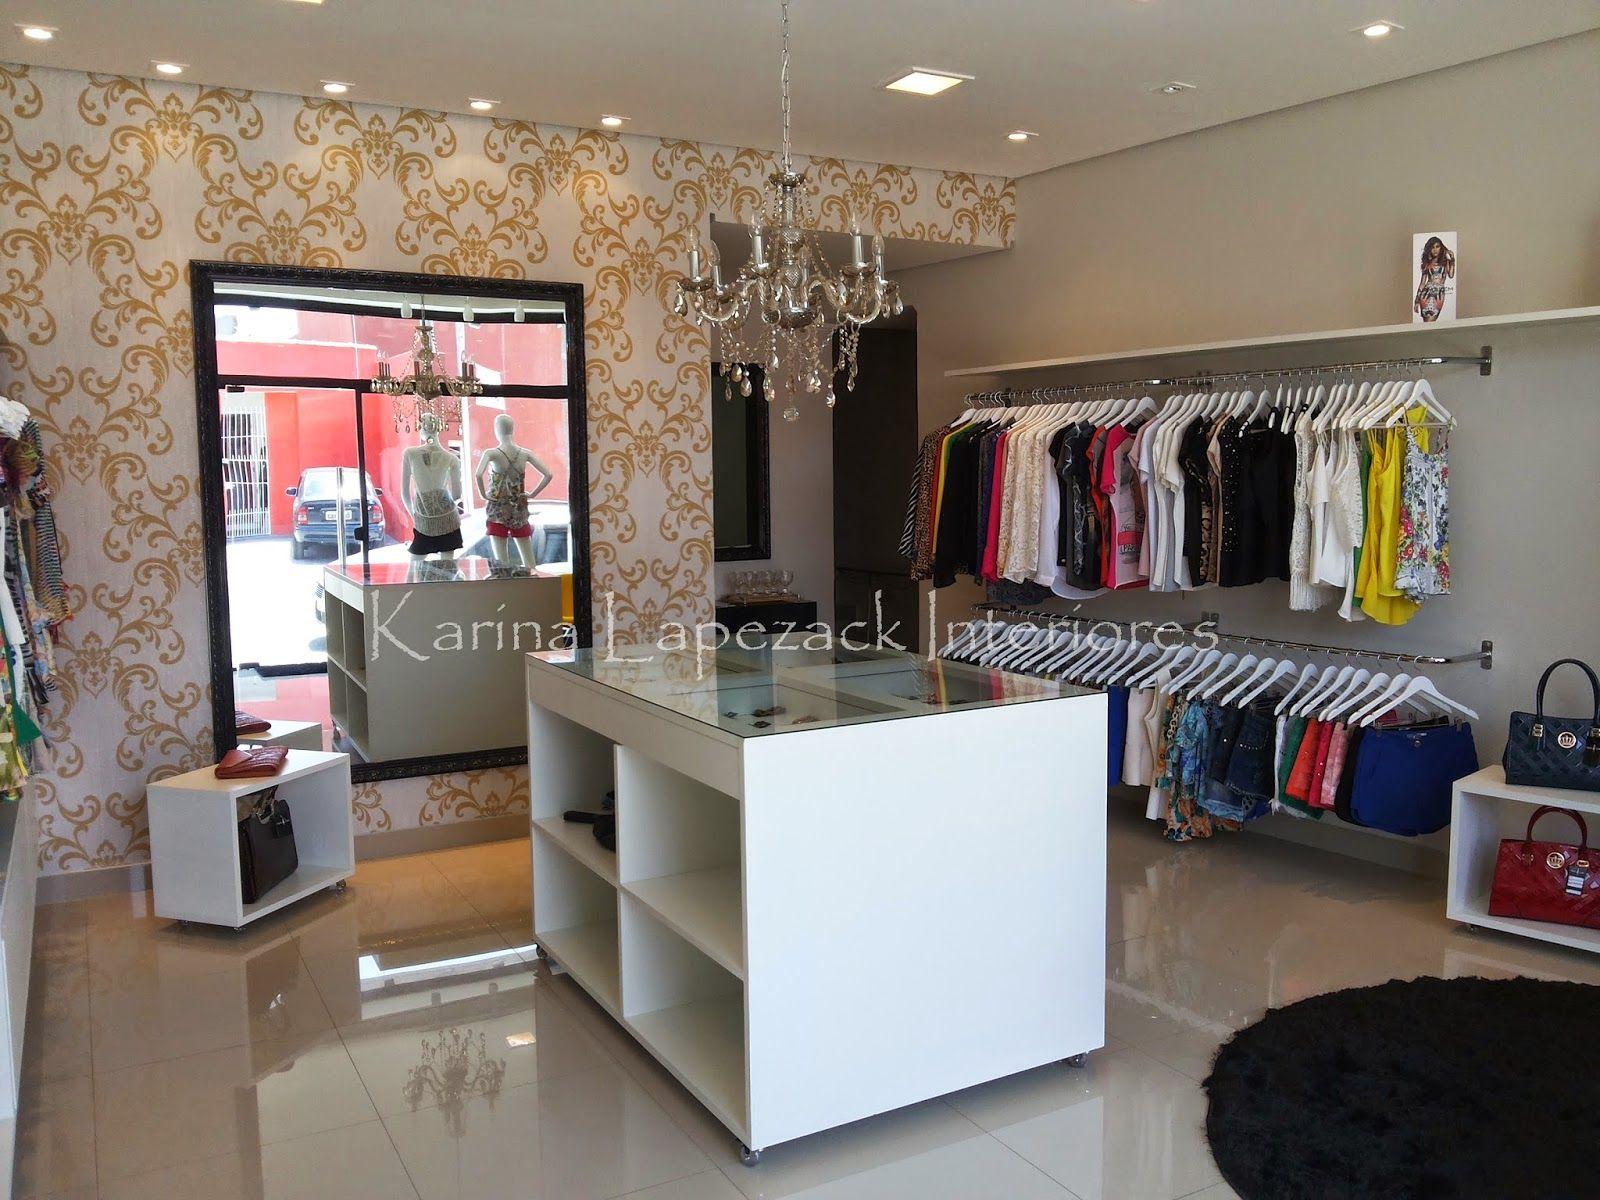 Resultado de imagem para modelo de loja pequena de roupas MODELO DE LOJAS Decoraç u00e3o de loja  -> Decoracao Para Loja Feminina Pequena